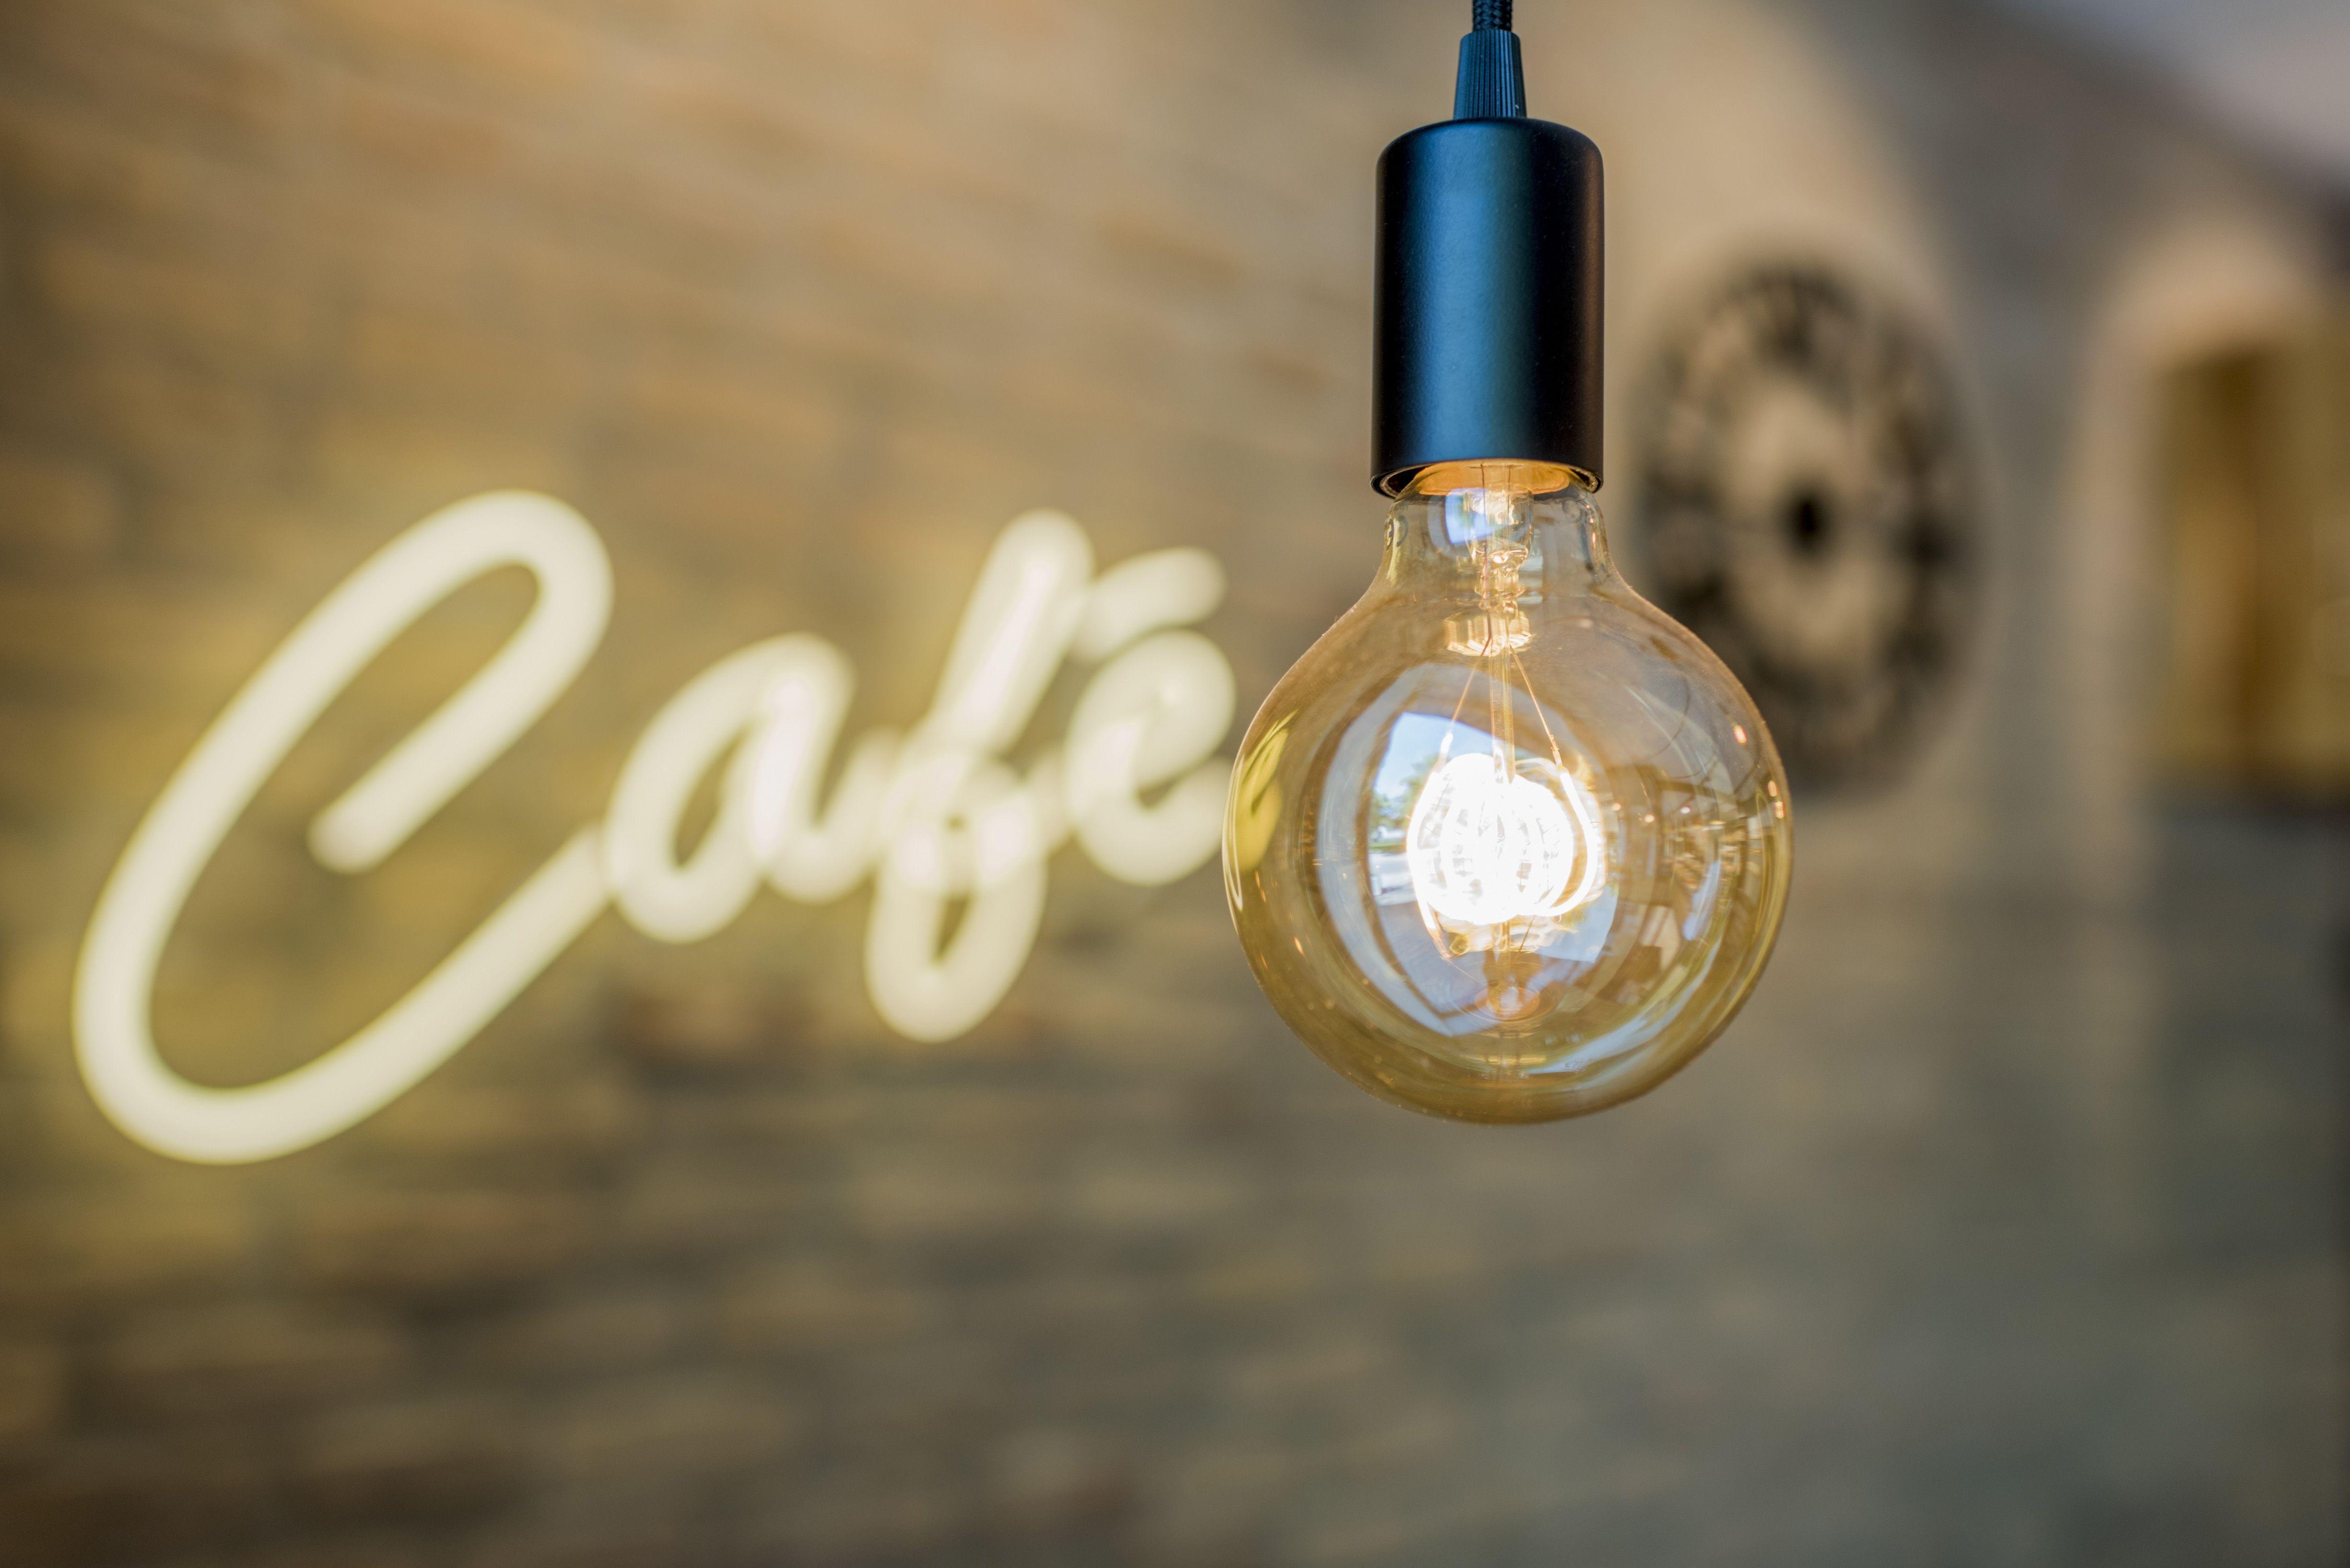 Aichinger Ladenbau Theke Ladentheke Design Einrichtung Ladeneinrichtung Modern Food Style Erfolgeinrichten In Ladeneinrichtung Ladenbau Einrichtung